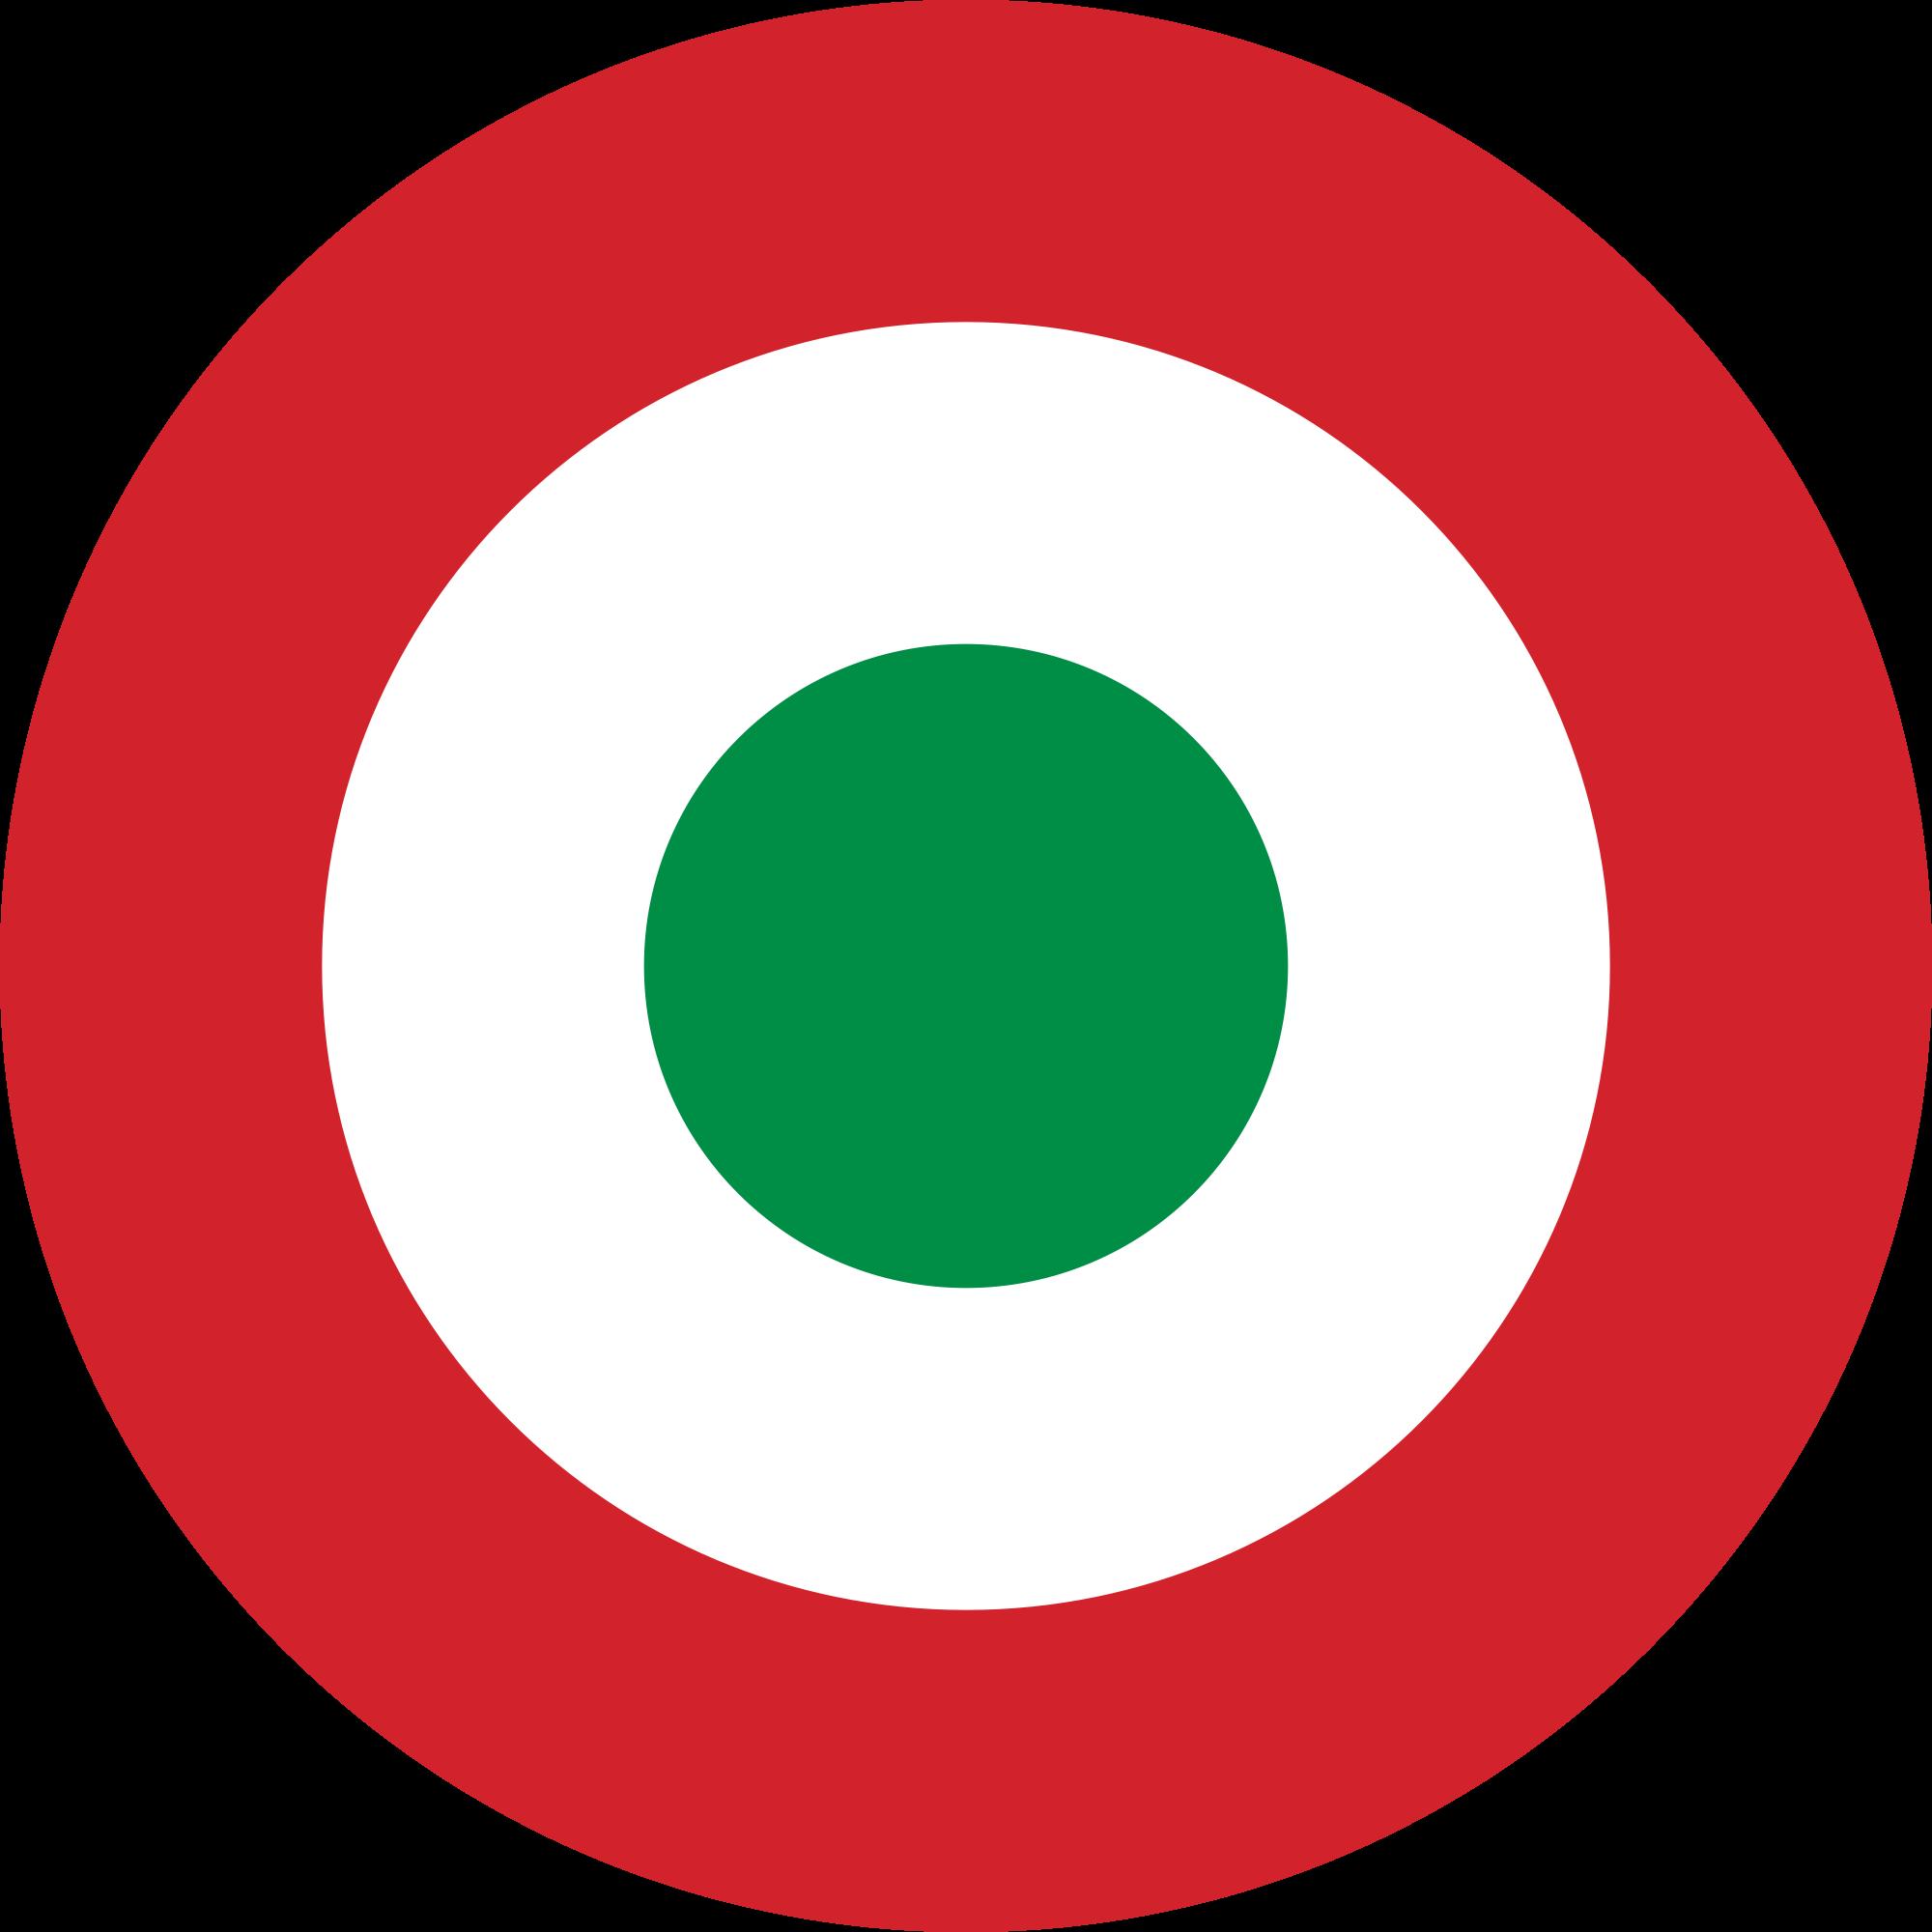 Risultati immagini per coppa italia cerchio